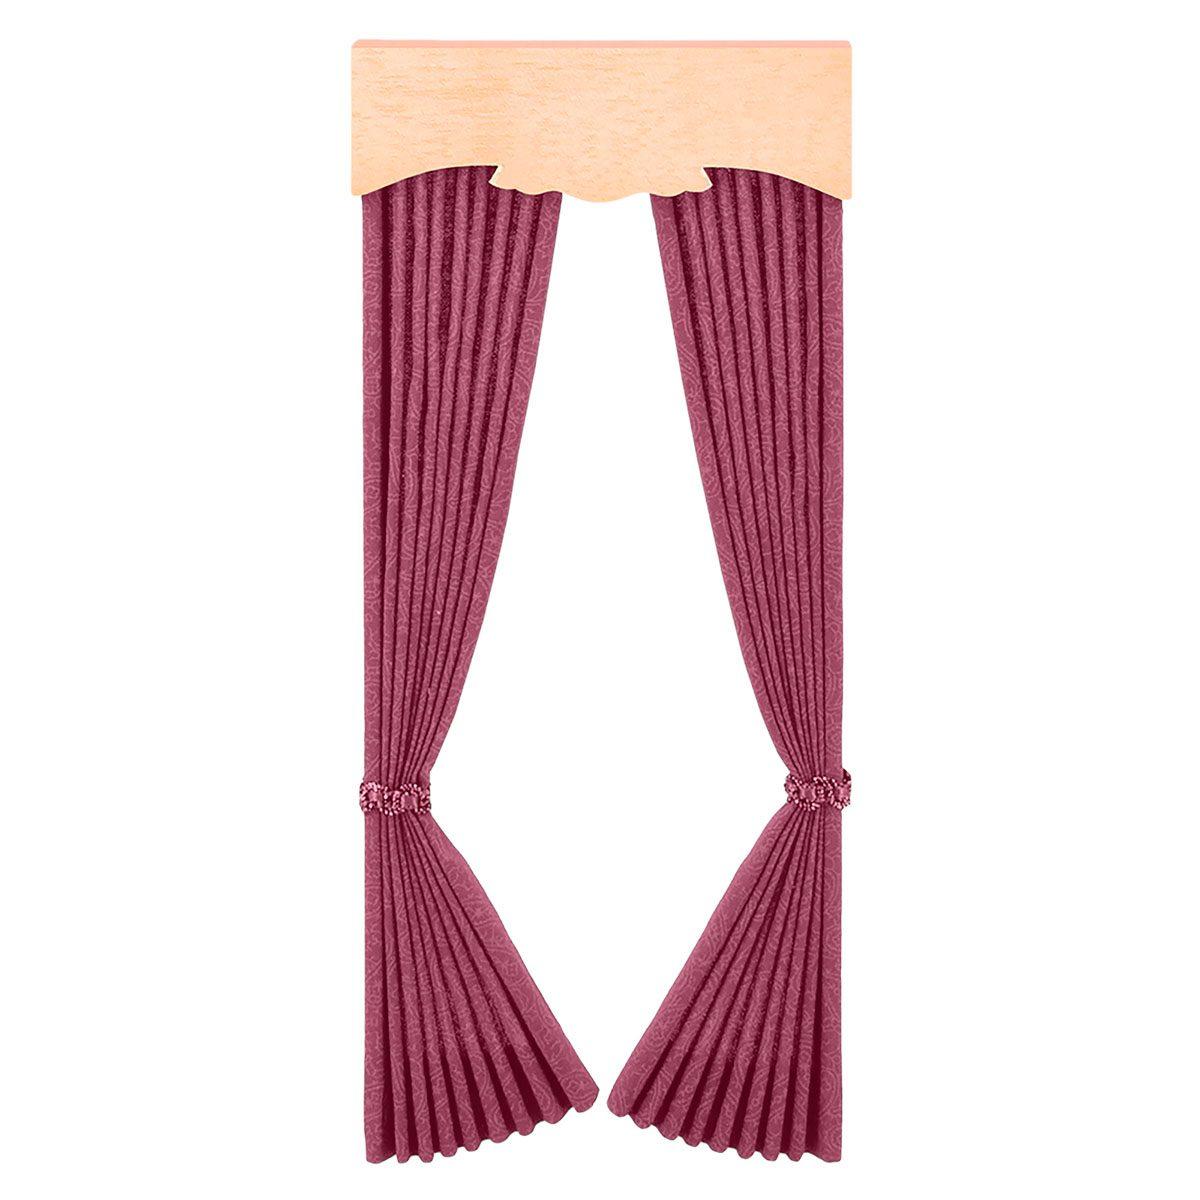 Fenster-Vorhang, altrosa